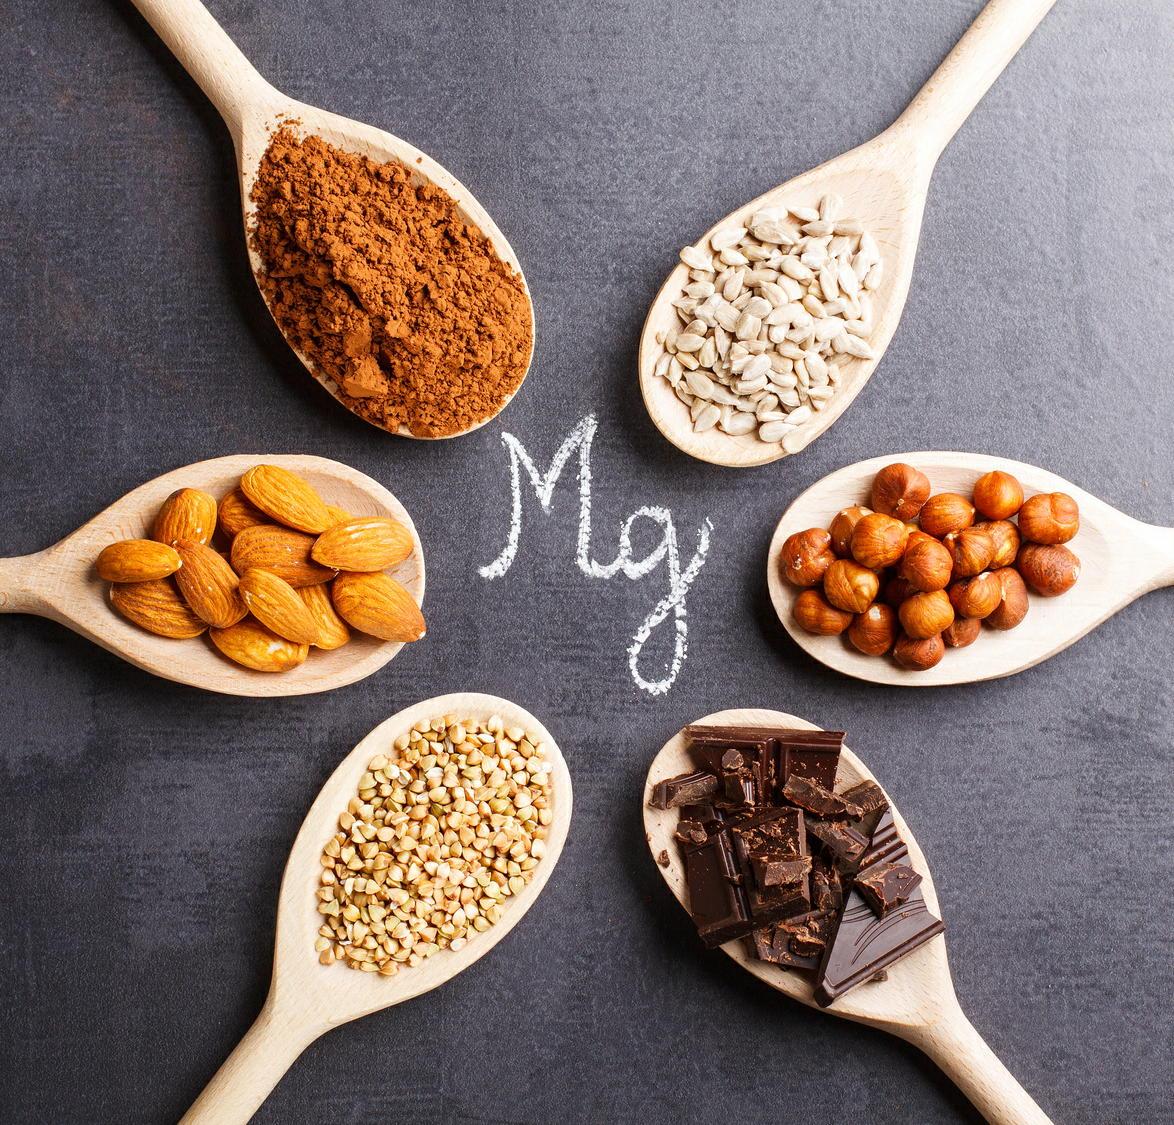 マグネシウムの多い食品が心筋梗塞のリスクを低下 8.5万人を調査